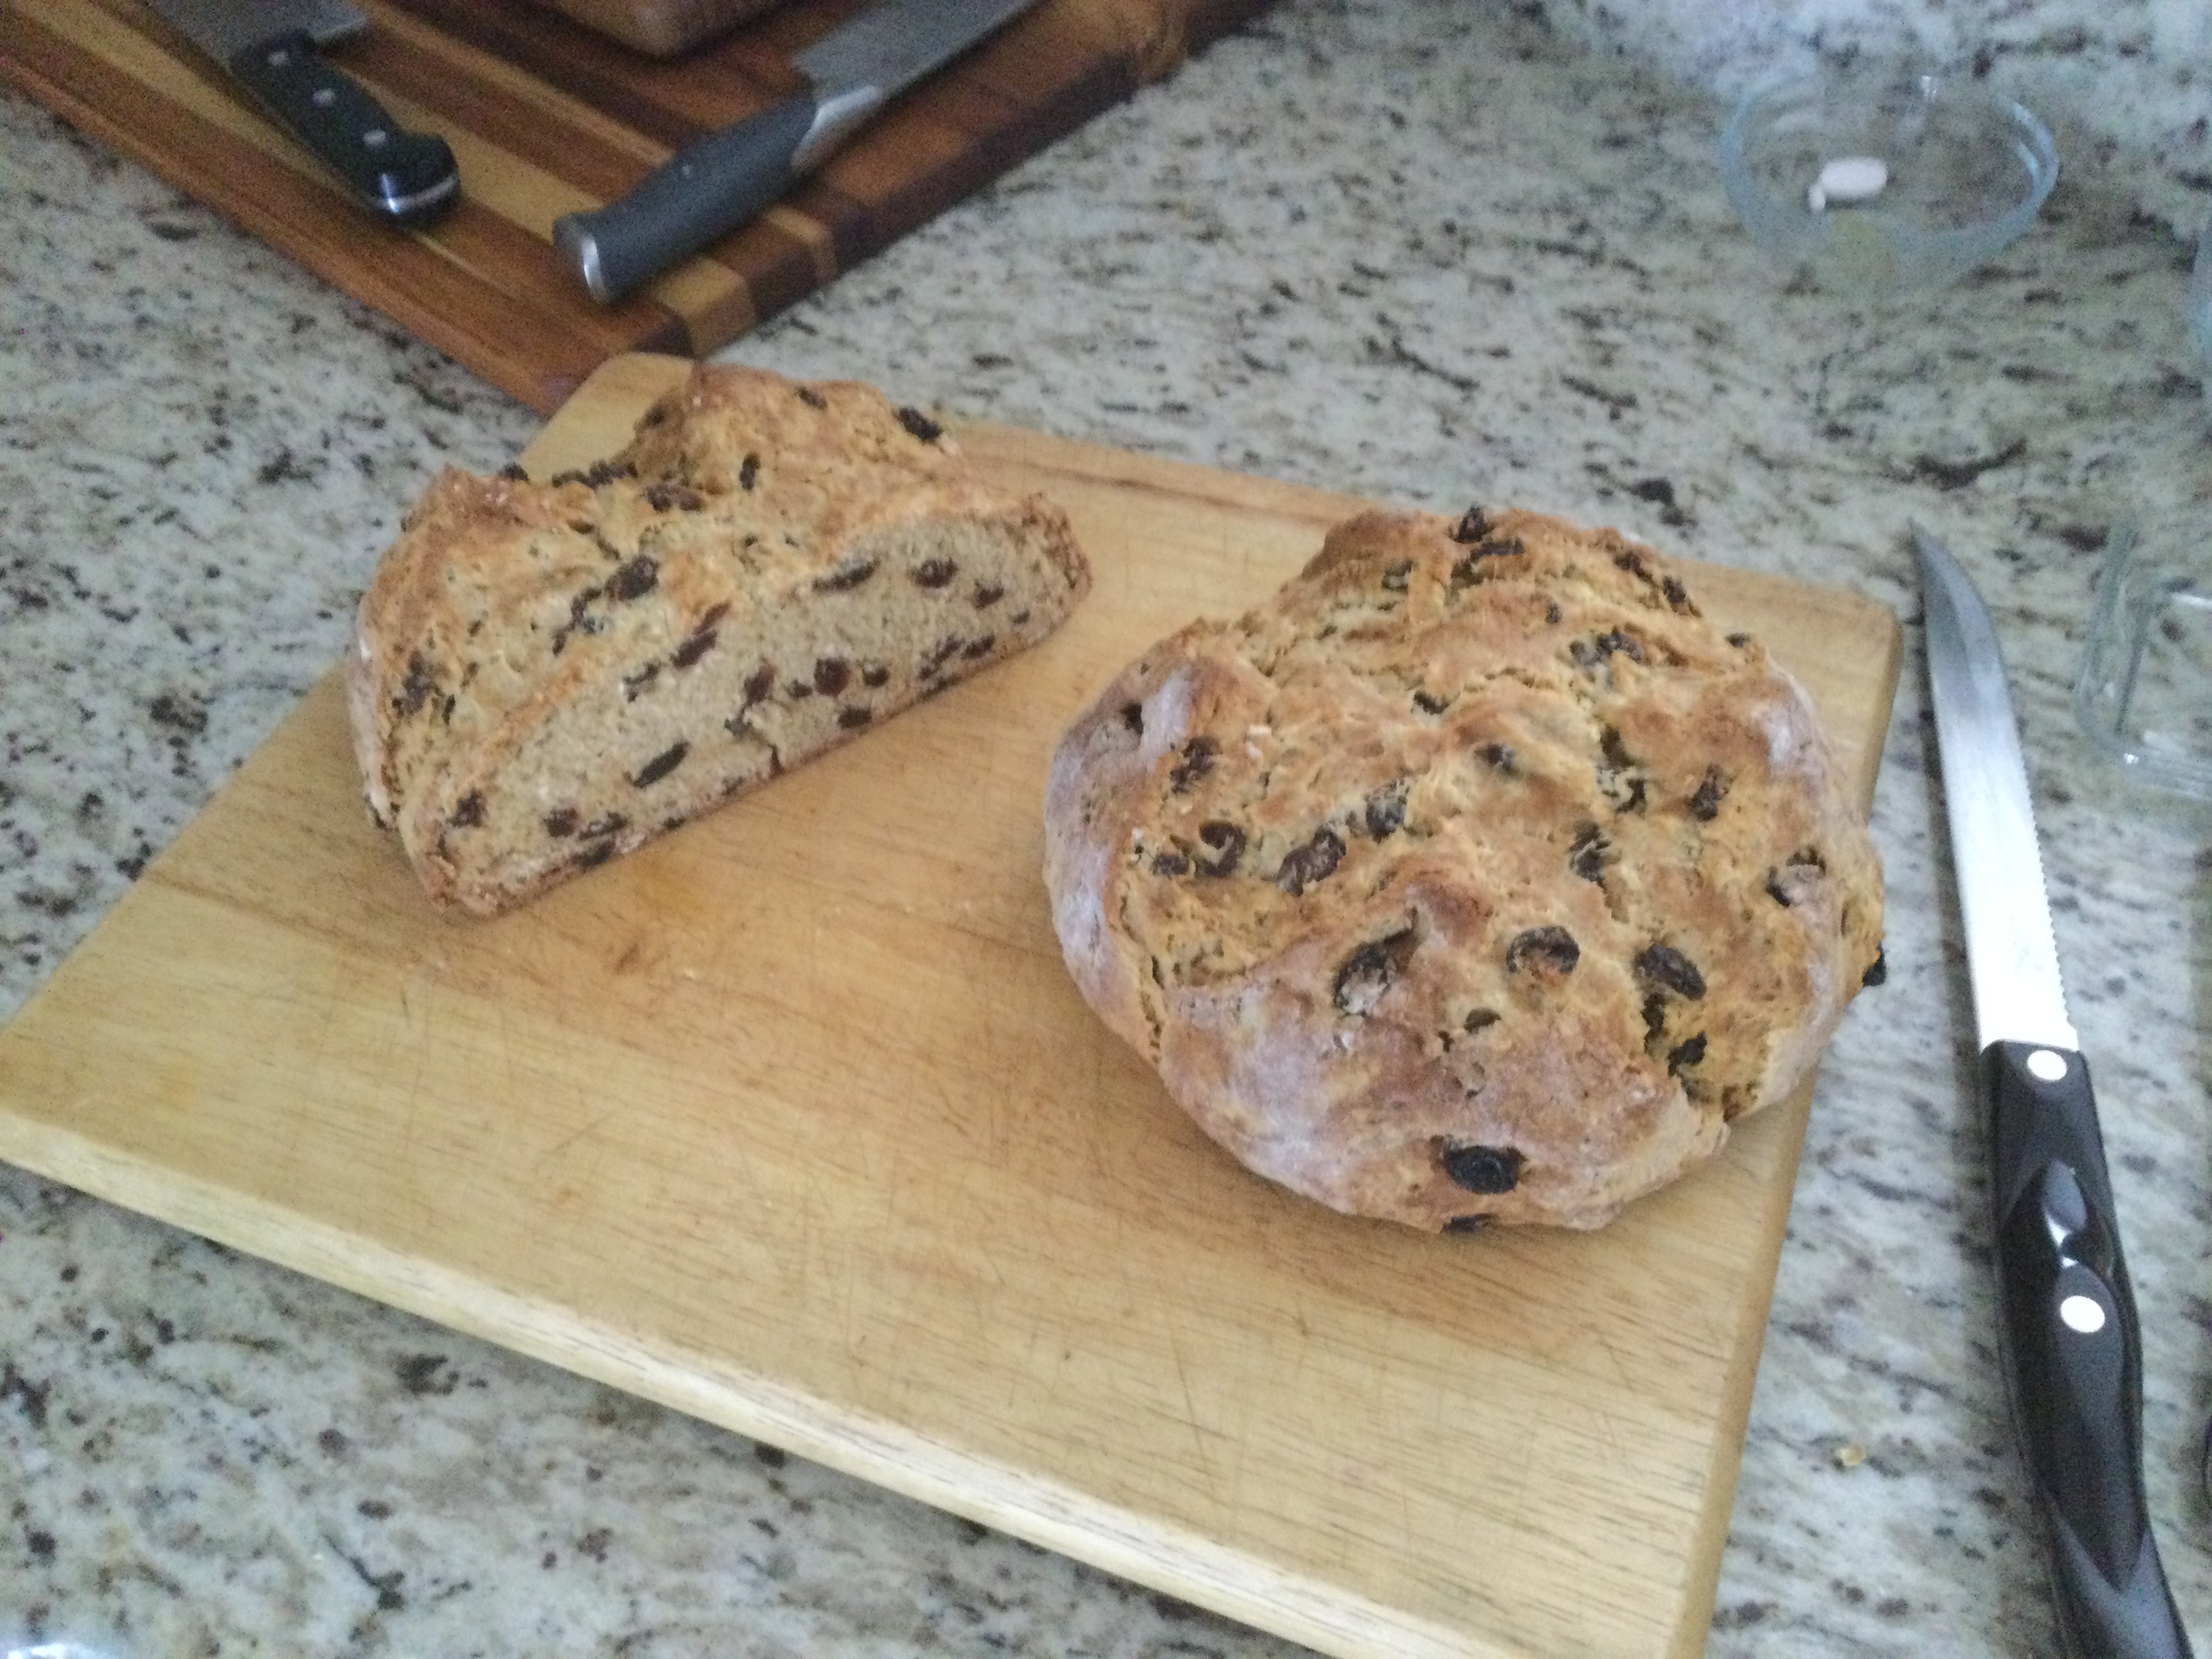 Chef John's Irish Soda Bread